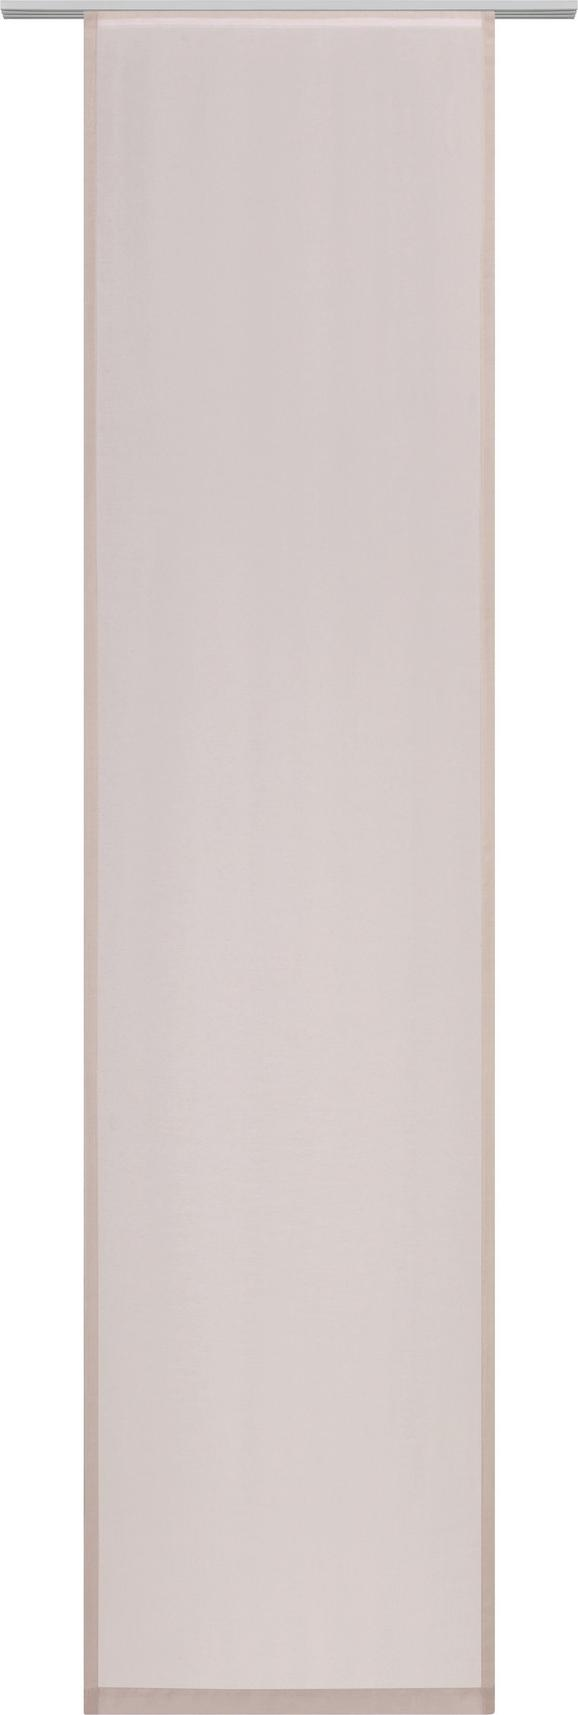 Lapfüggöny Uni - Taupe, modern, Textil (60/245cm) - Mömax modern living